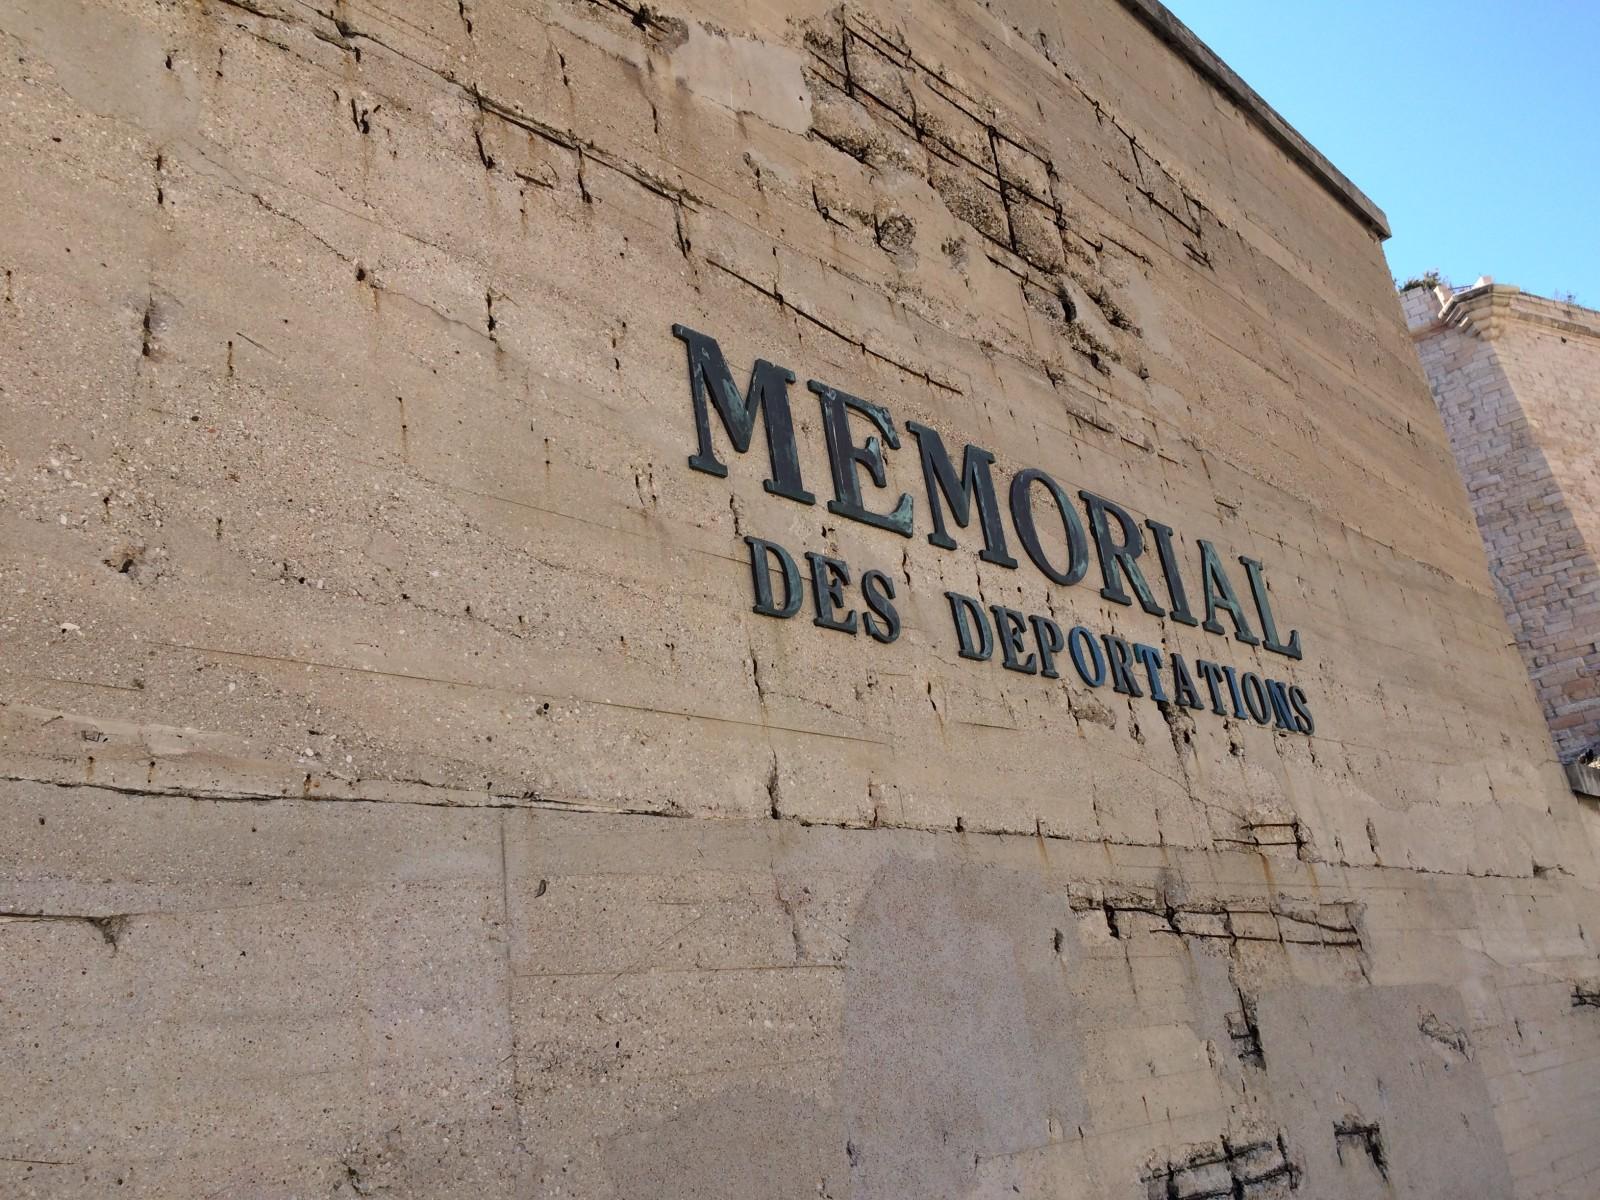 Le mémorial des Déportations de Marseille est ouvert du mardi au dimanche. ©MD